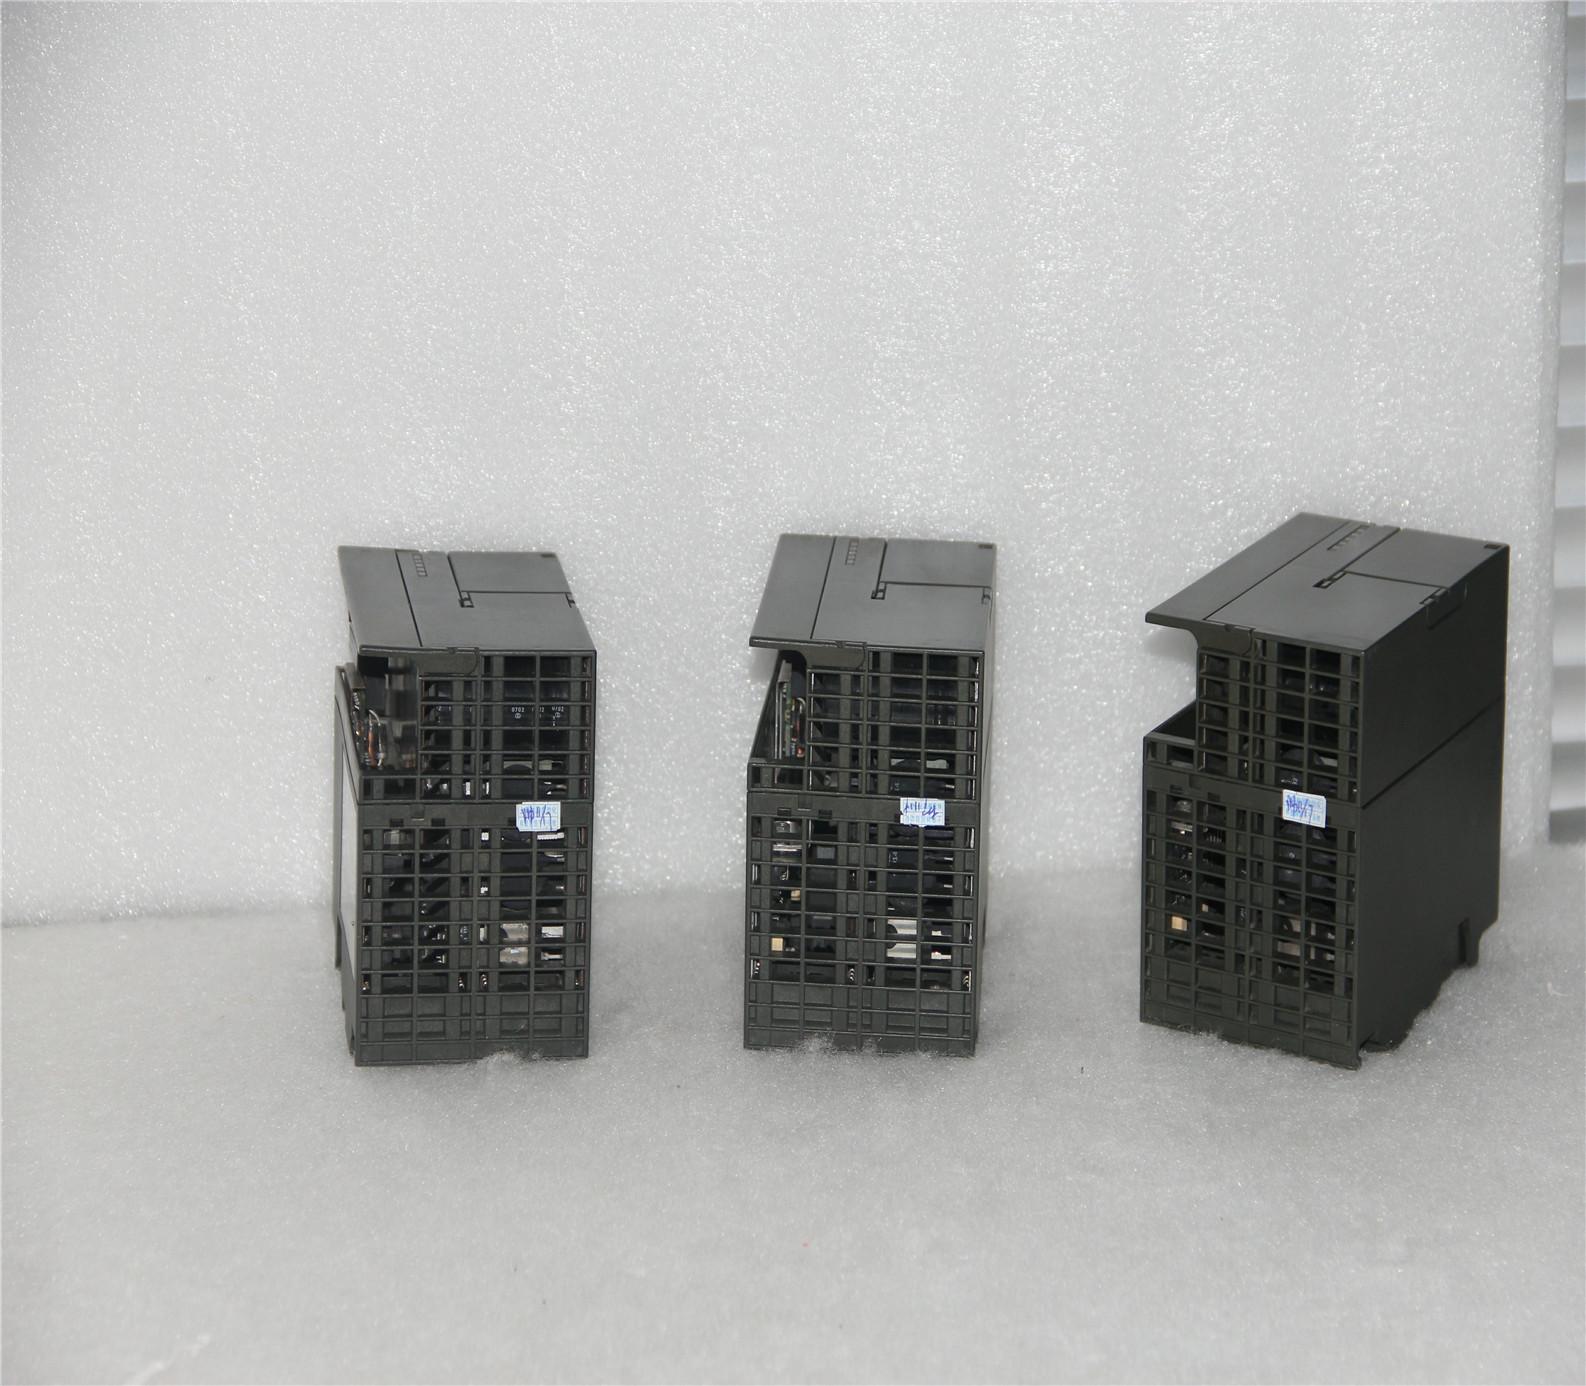 6AV6648-0AC11-3AX0